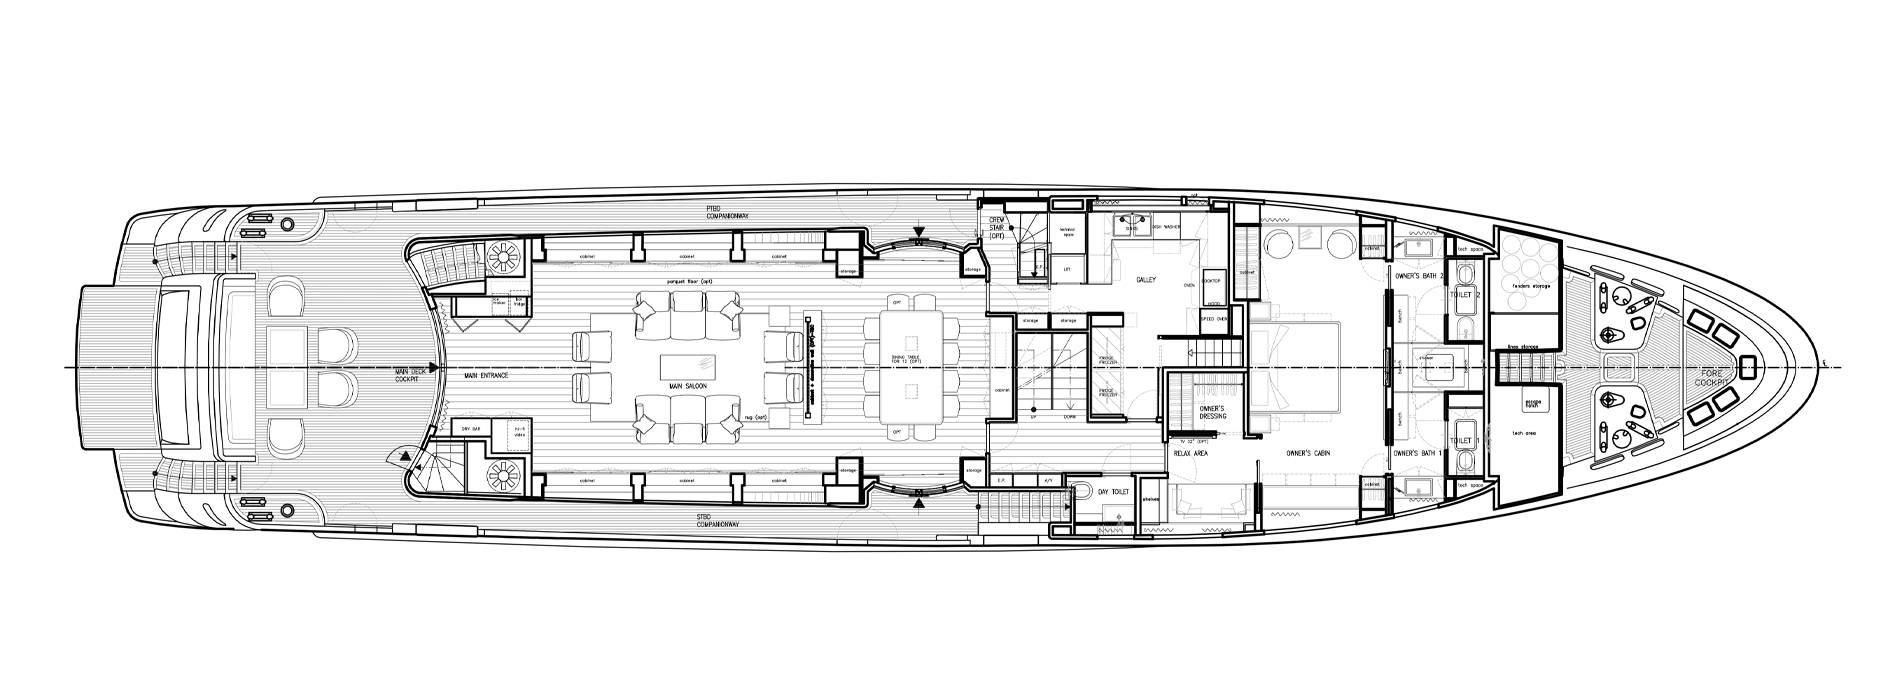 Sanlorenzo Yachts SD122-27 under offer 主甲板